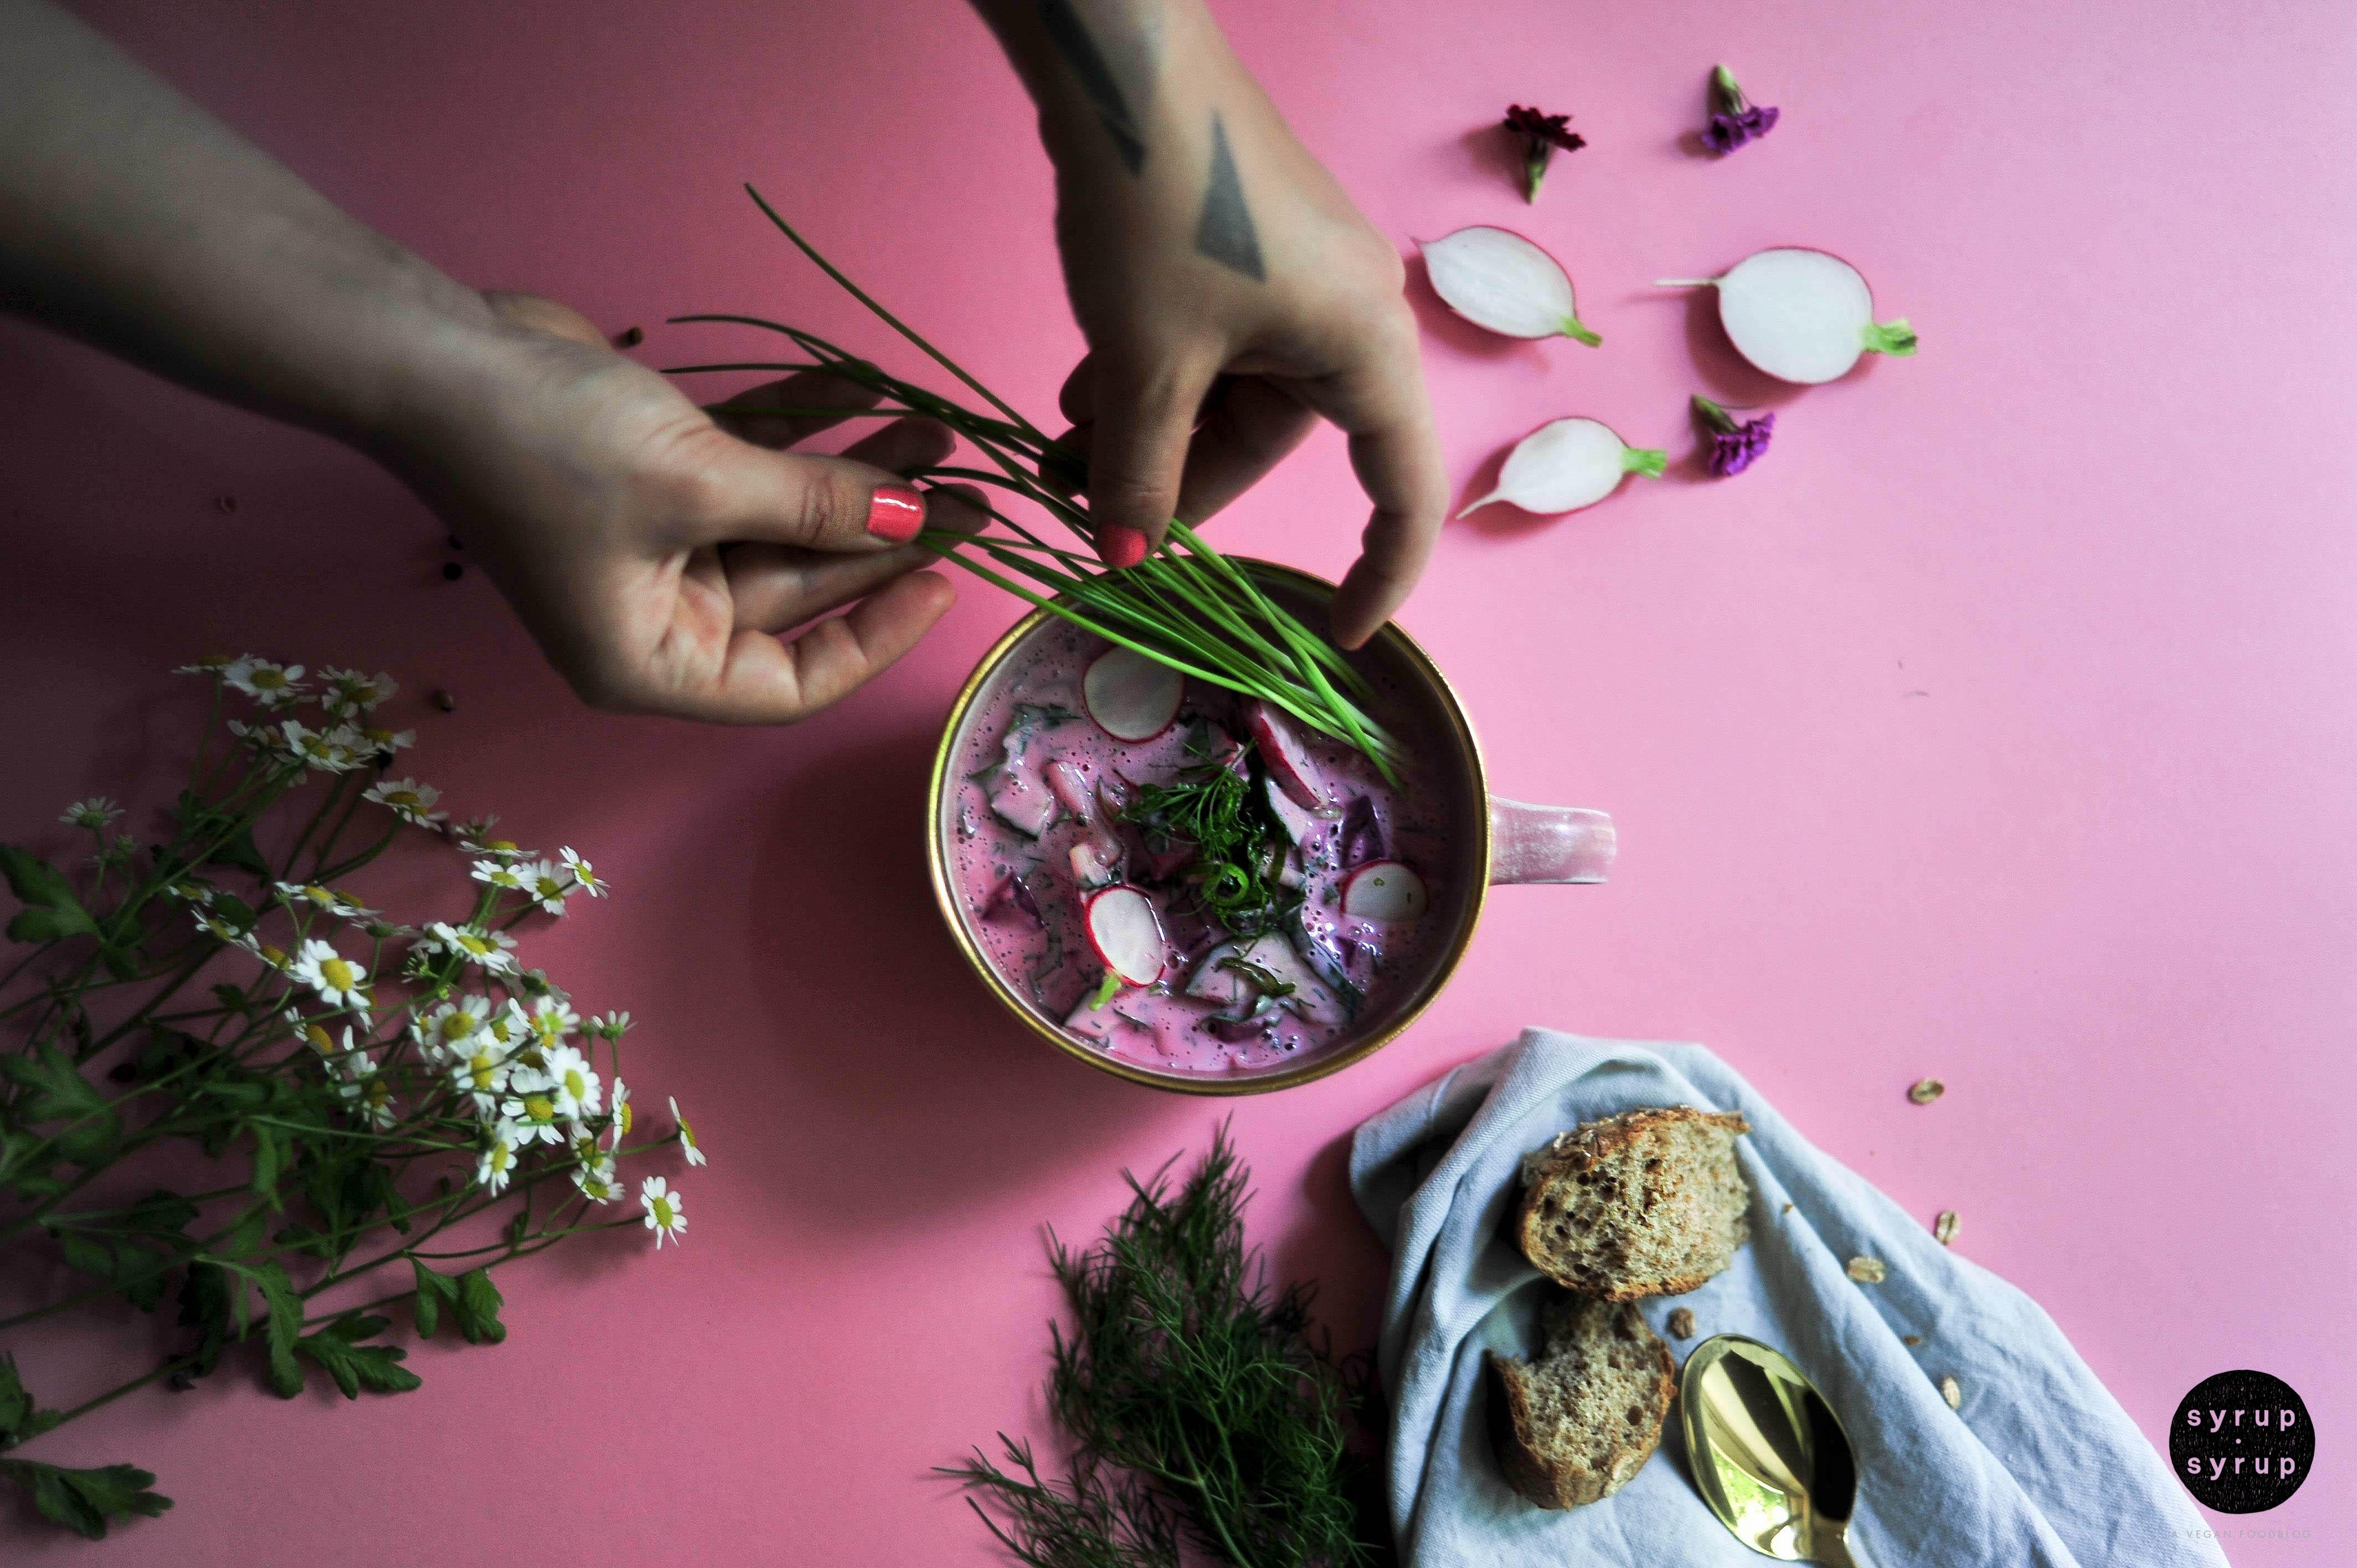 sommersuppe vegan kalt 01 1 - Sommersuppe